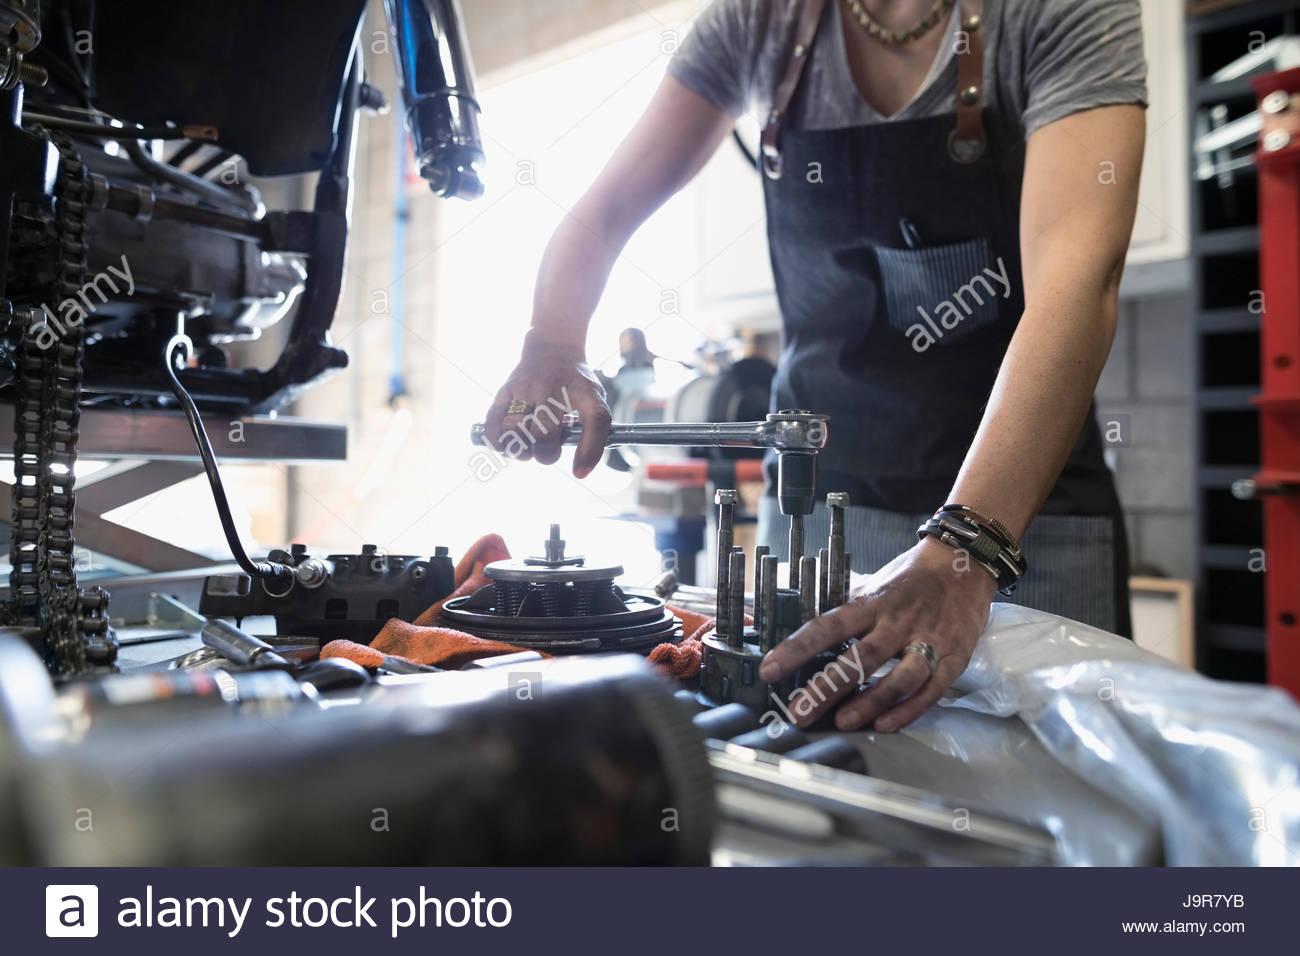 Weibliche Motorrad-Mechaniker mit Werkzeugen in Autowerkstatt Stockbild